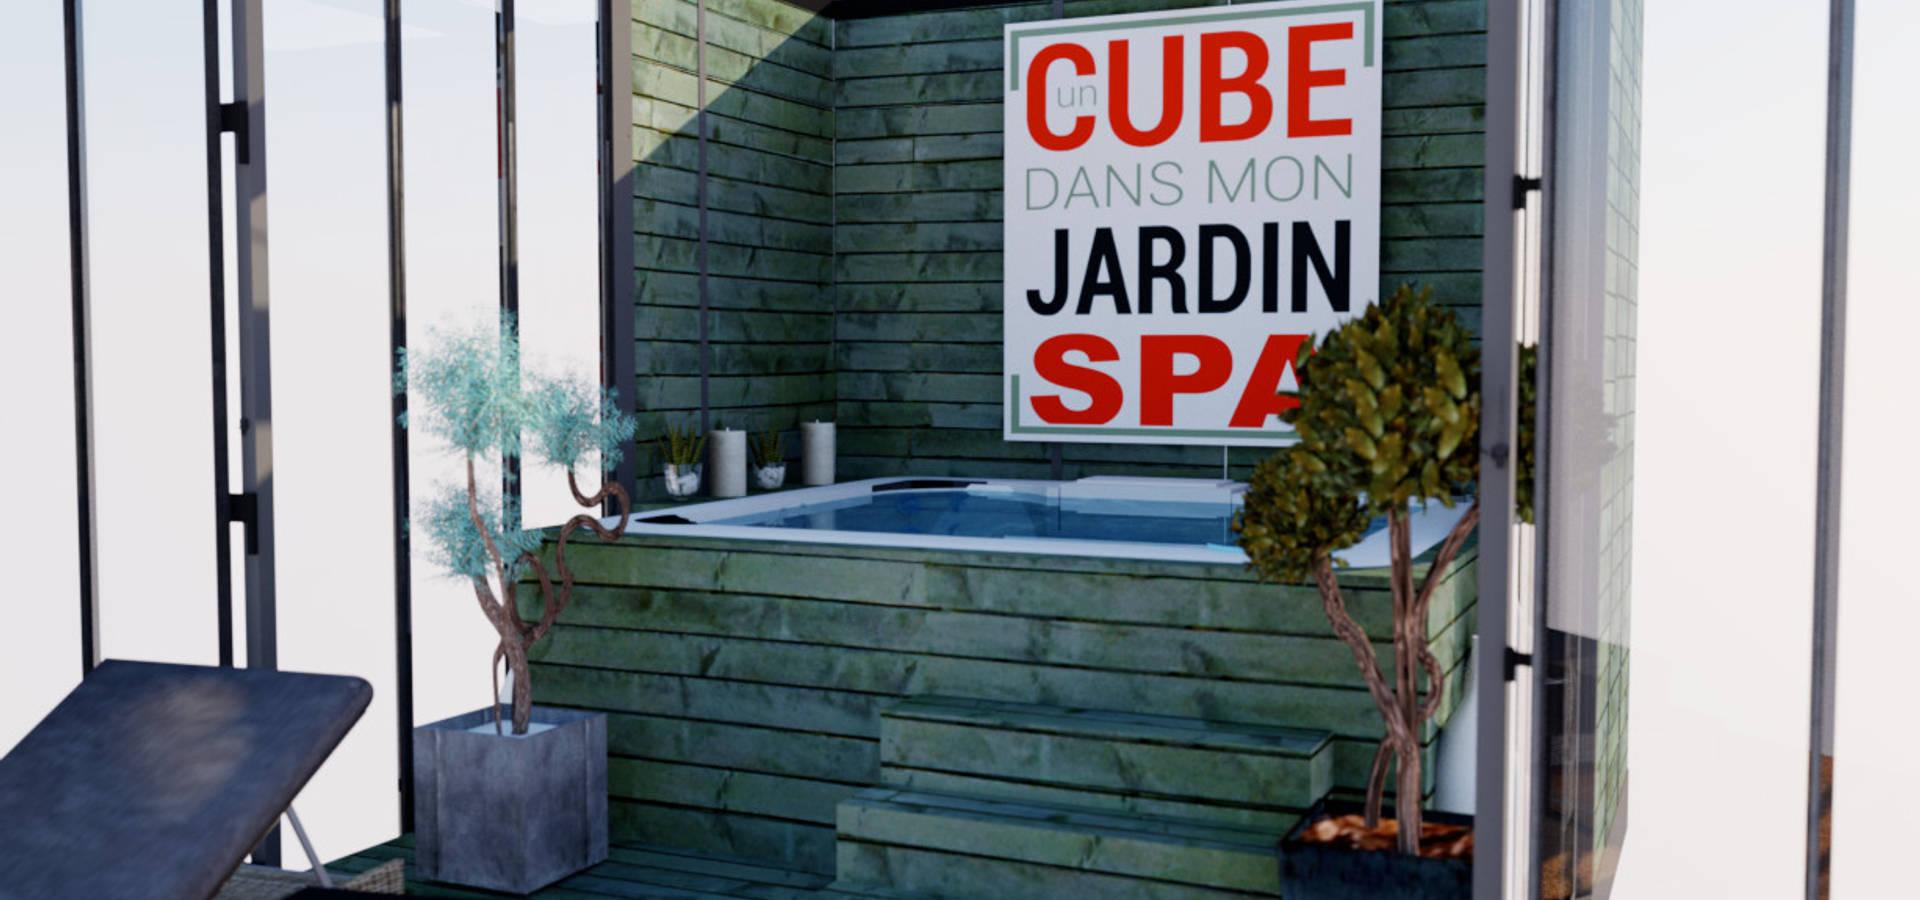 un cube dans mon jardin comme spa by un cube dans mon jardin homify. Black Bedroom Furniture Sets. Home Design Ideas